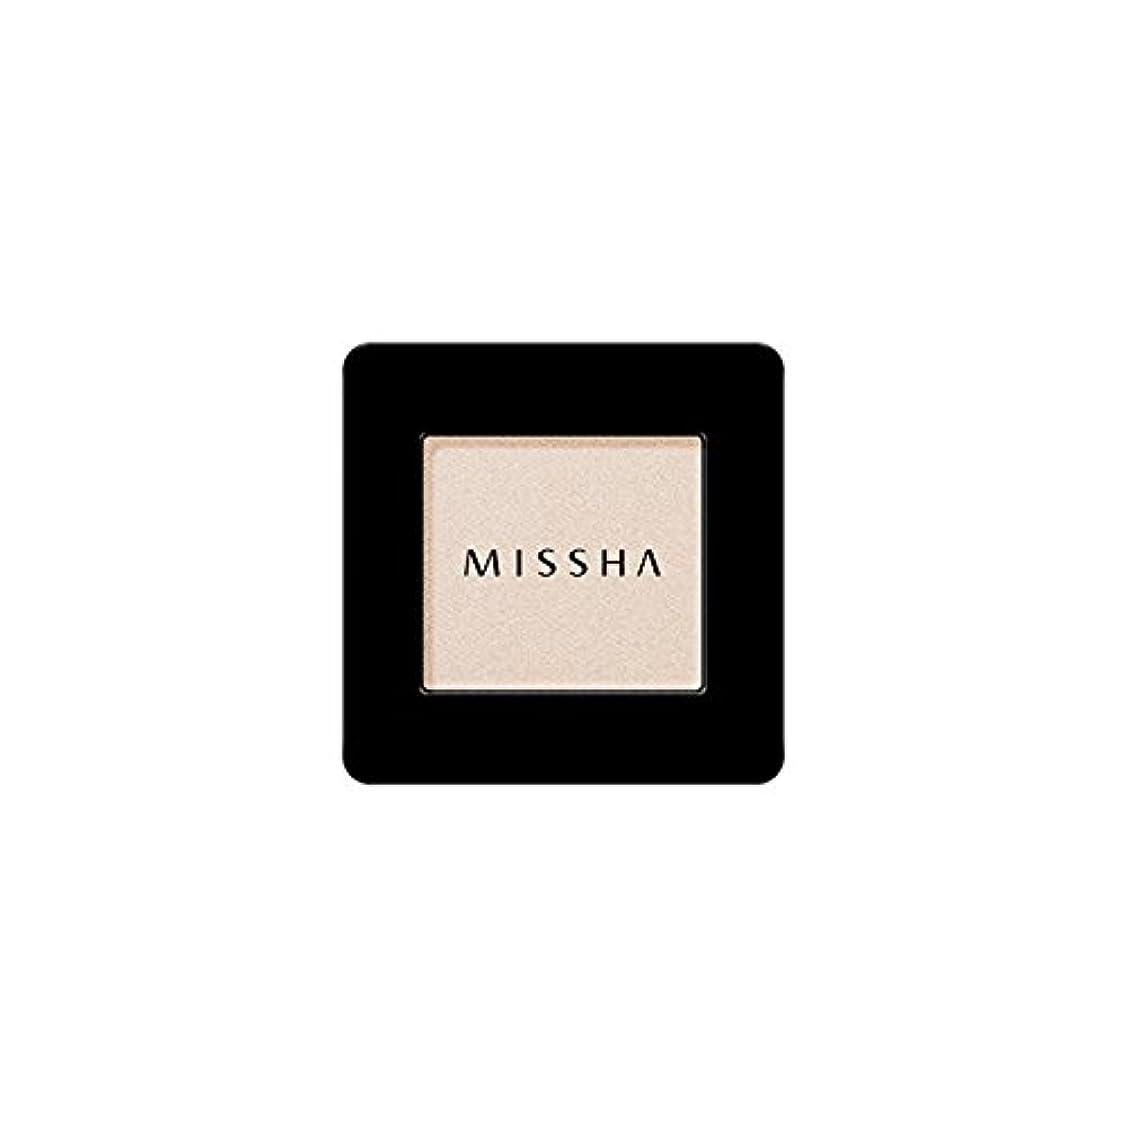 経由で着る外部MISSHA Modern Shadow [SHIMMER] 1.8g (#SBE01 Santa Barbara)/ミシャ モダン シャドウ [シマー] 1.8g (#SBE01 Santa Barbara)